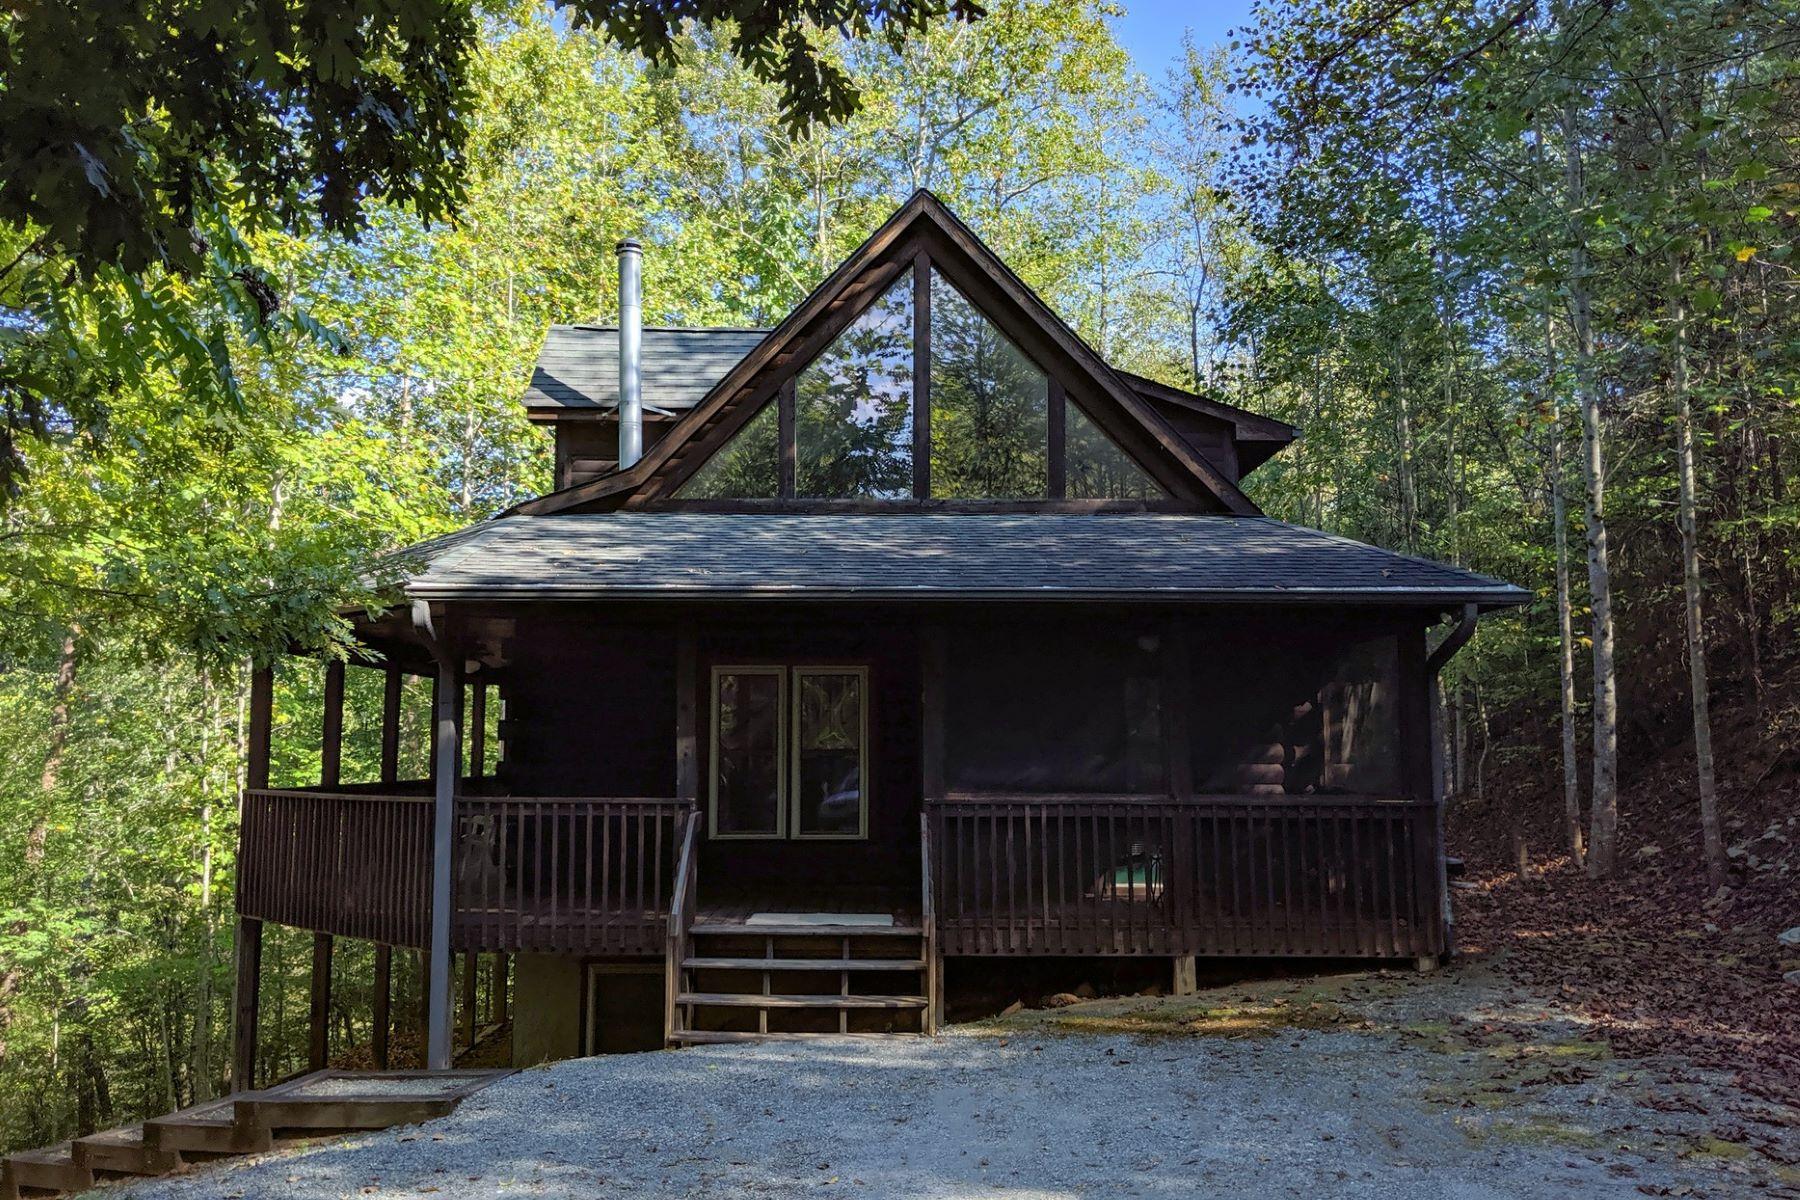 Single Family Homes for Active at 770 Lake Adger Parkway, Mill Spring, NC 770 Lake Adger Parkway Mill Spring, North Carolina 28756 United States